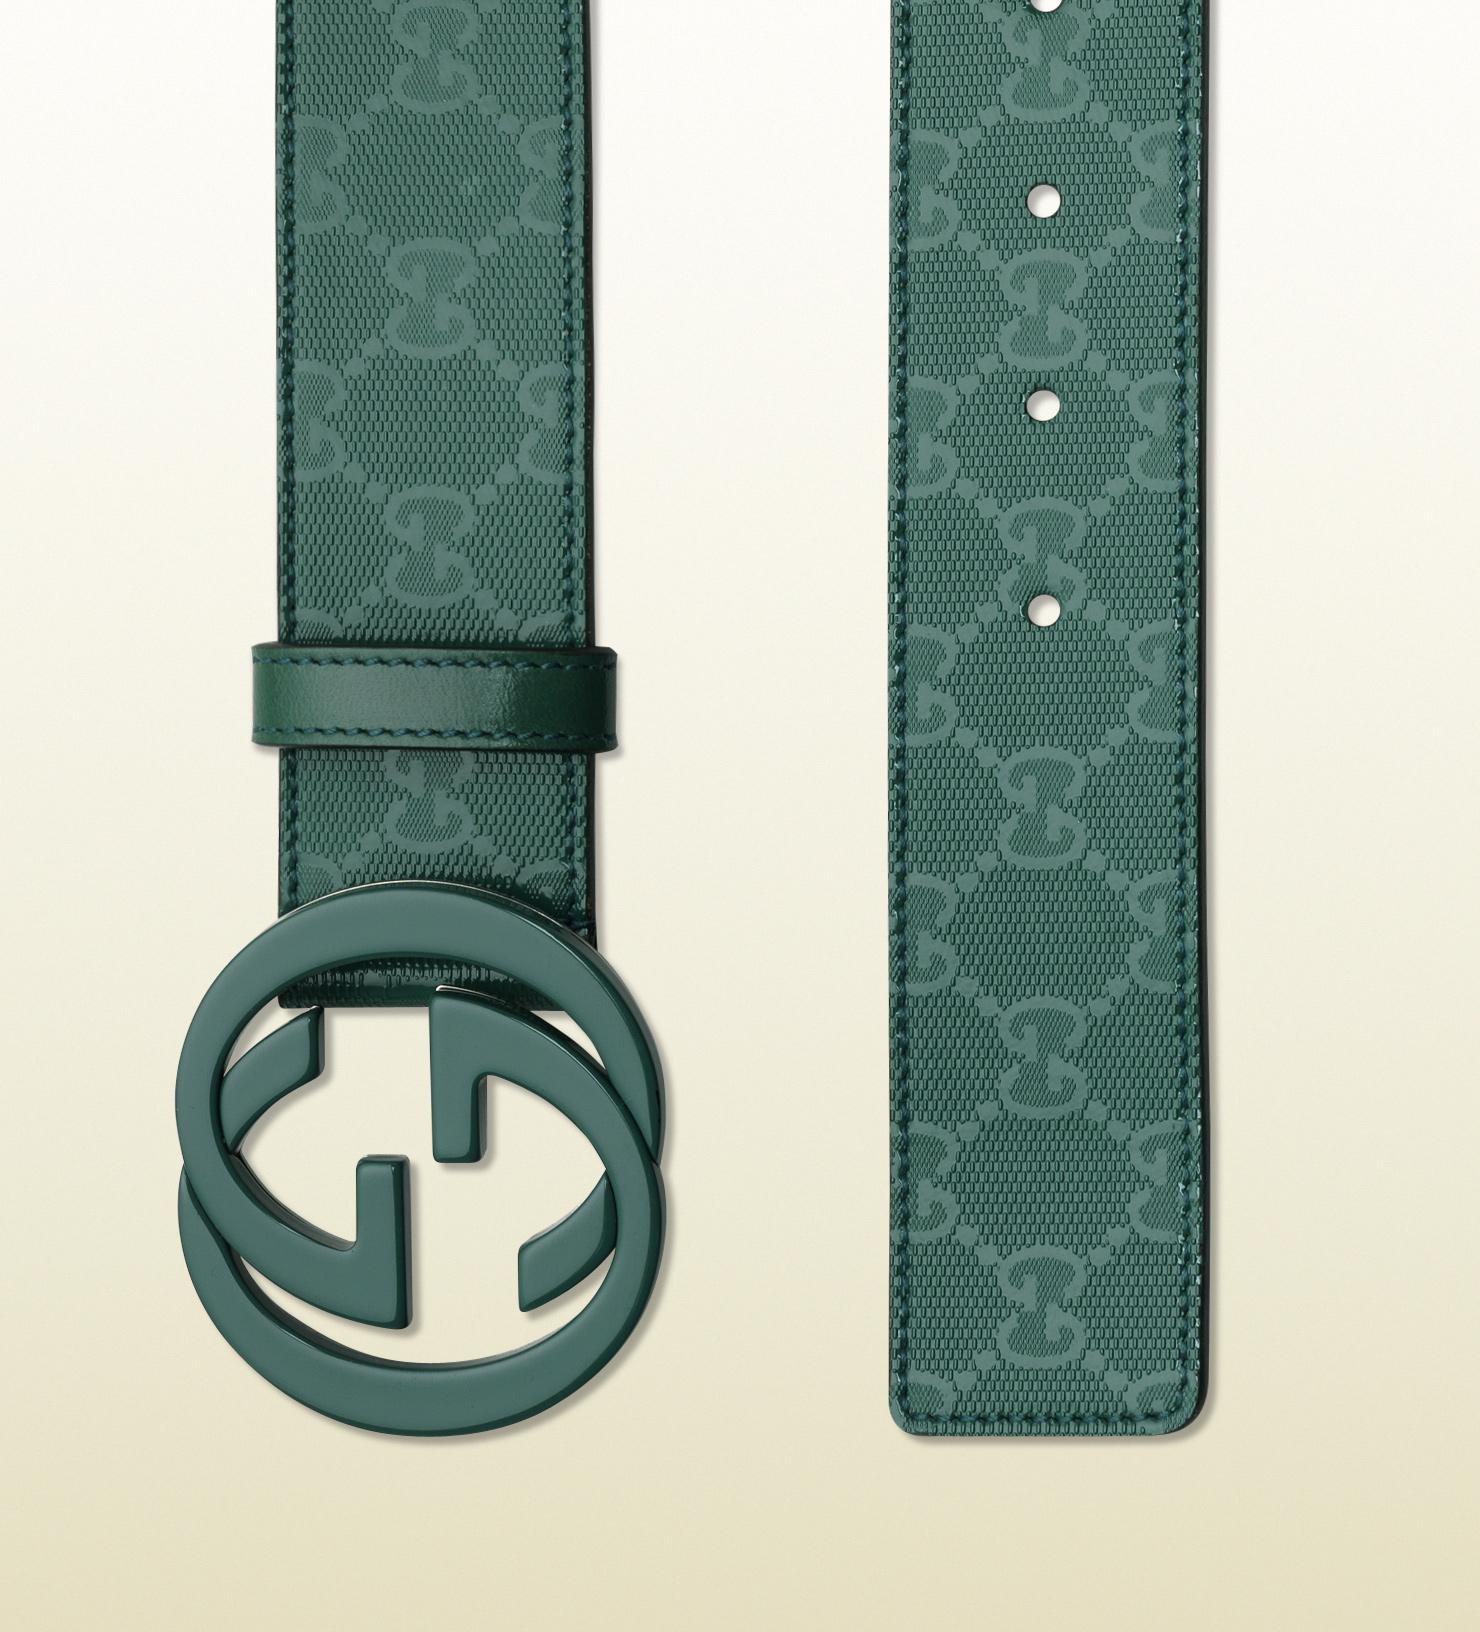 7c0bae364 Gucci Dark Green Gg Imprimeé Belt with Interlocking G Buckle in ...